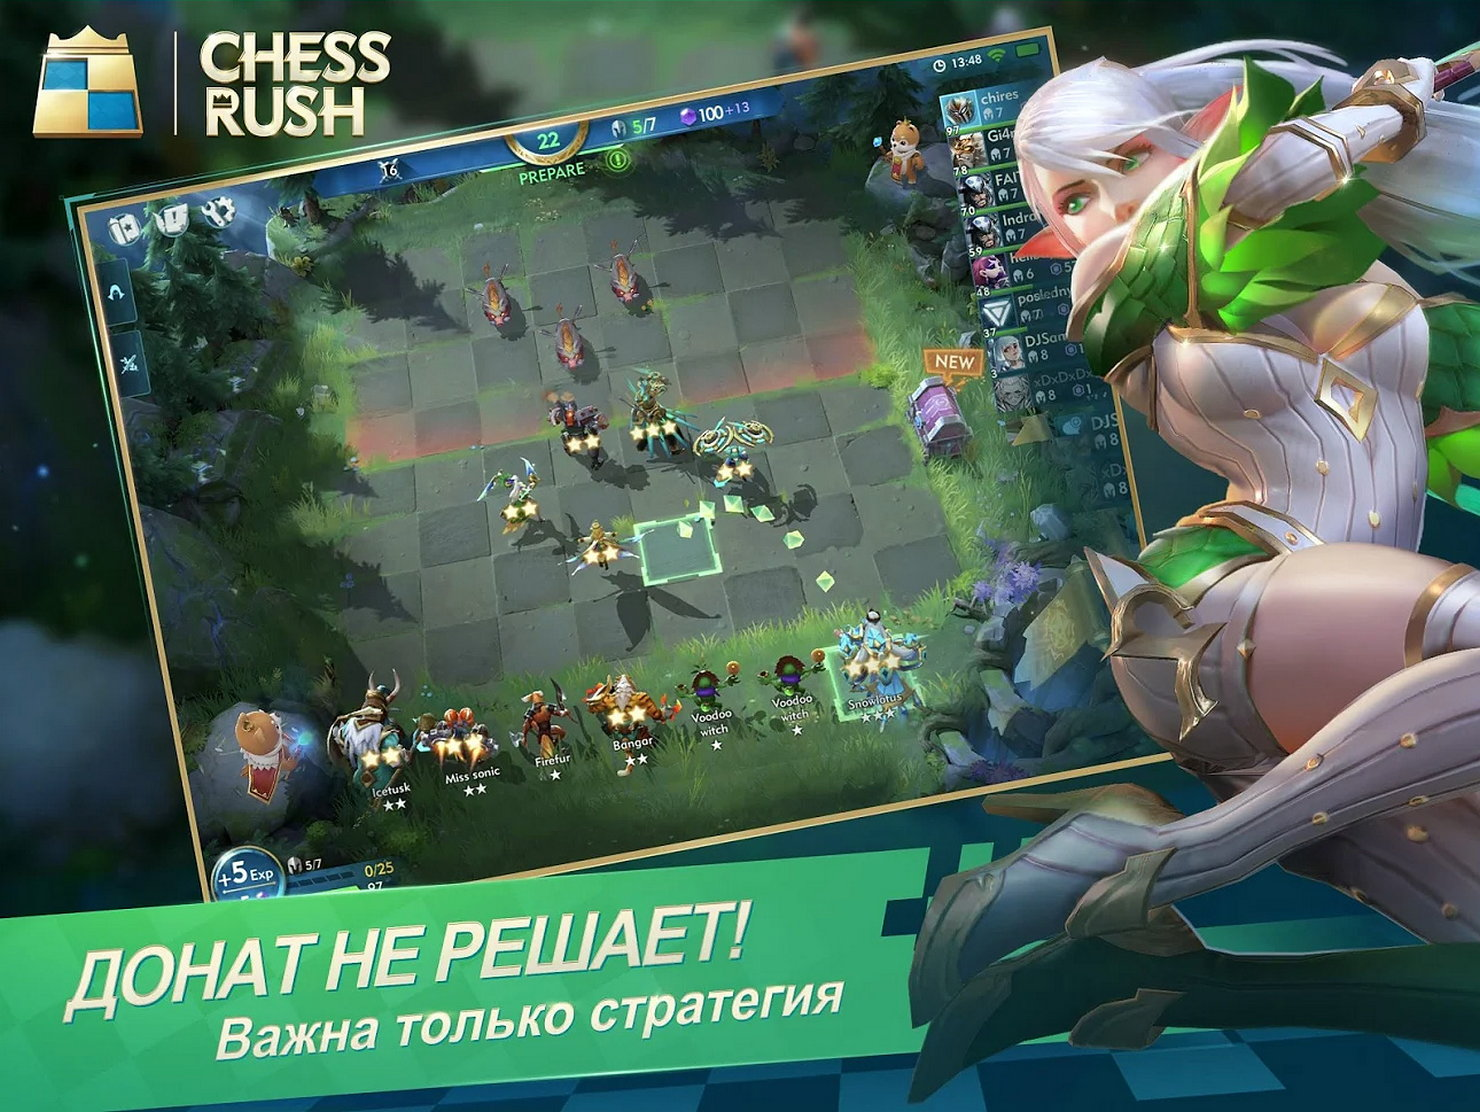 Chess Rush — прибыл новый автобатлер от китайской компании-гиганта Tencent